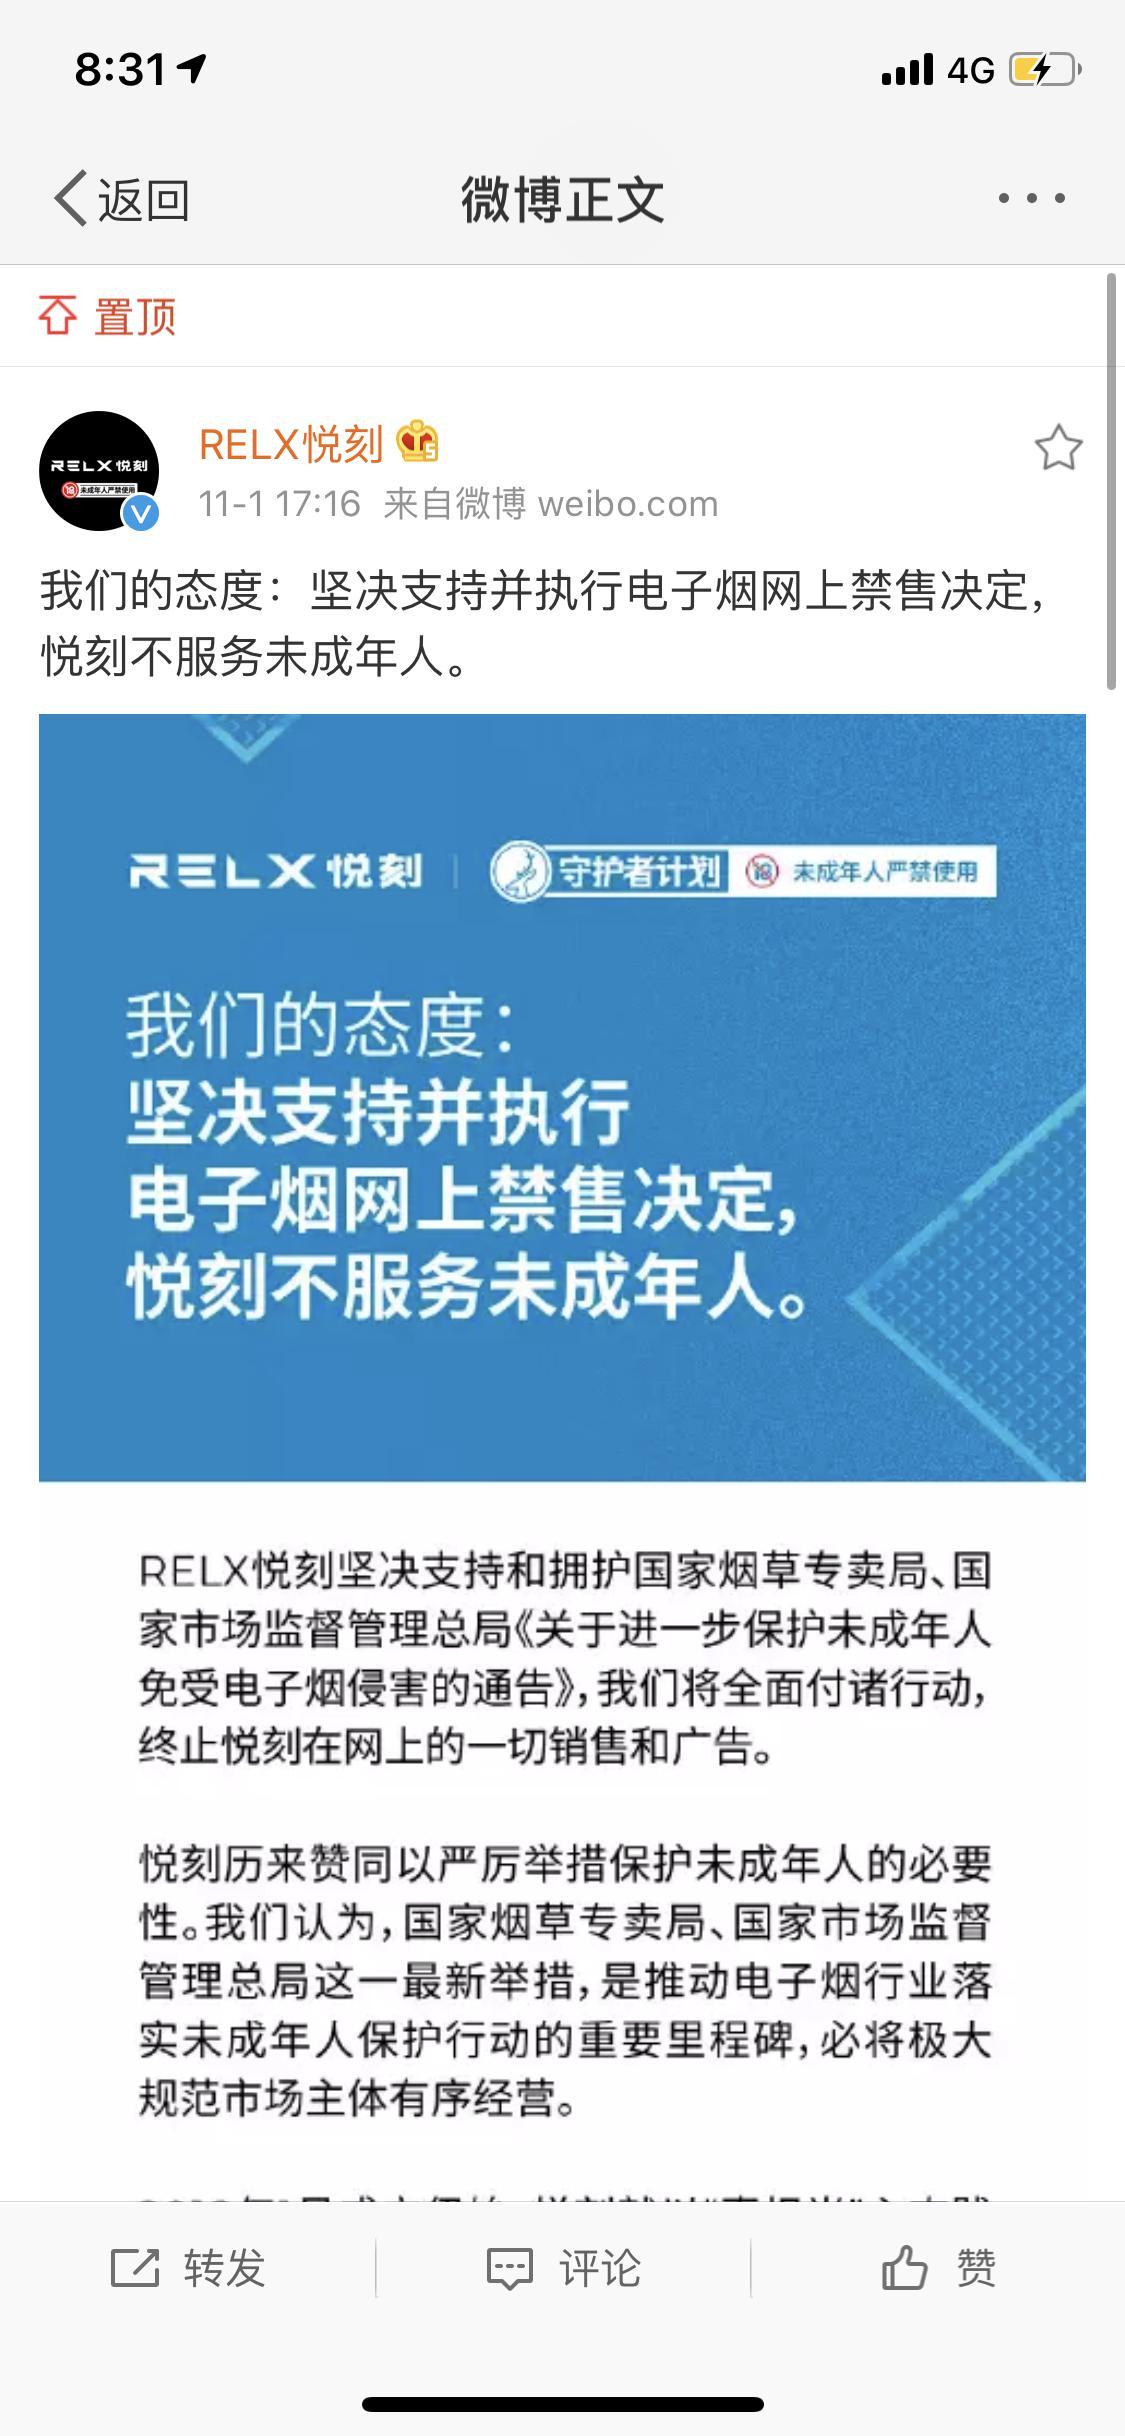 信誉博彩皇冠体育网 - 英媒:美国西部对决中国东部,谁会赢?